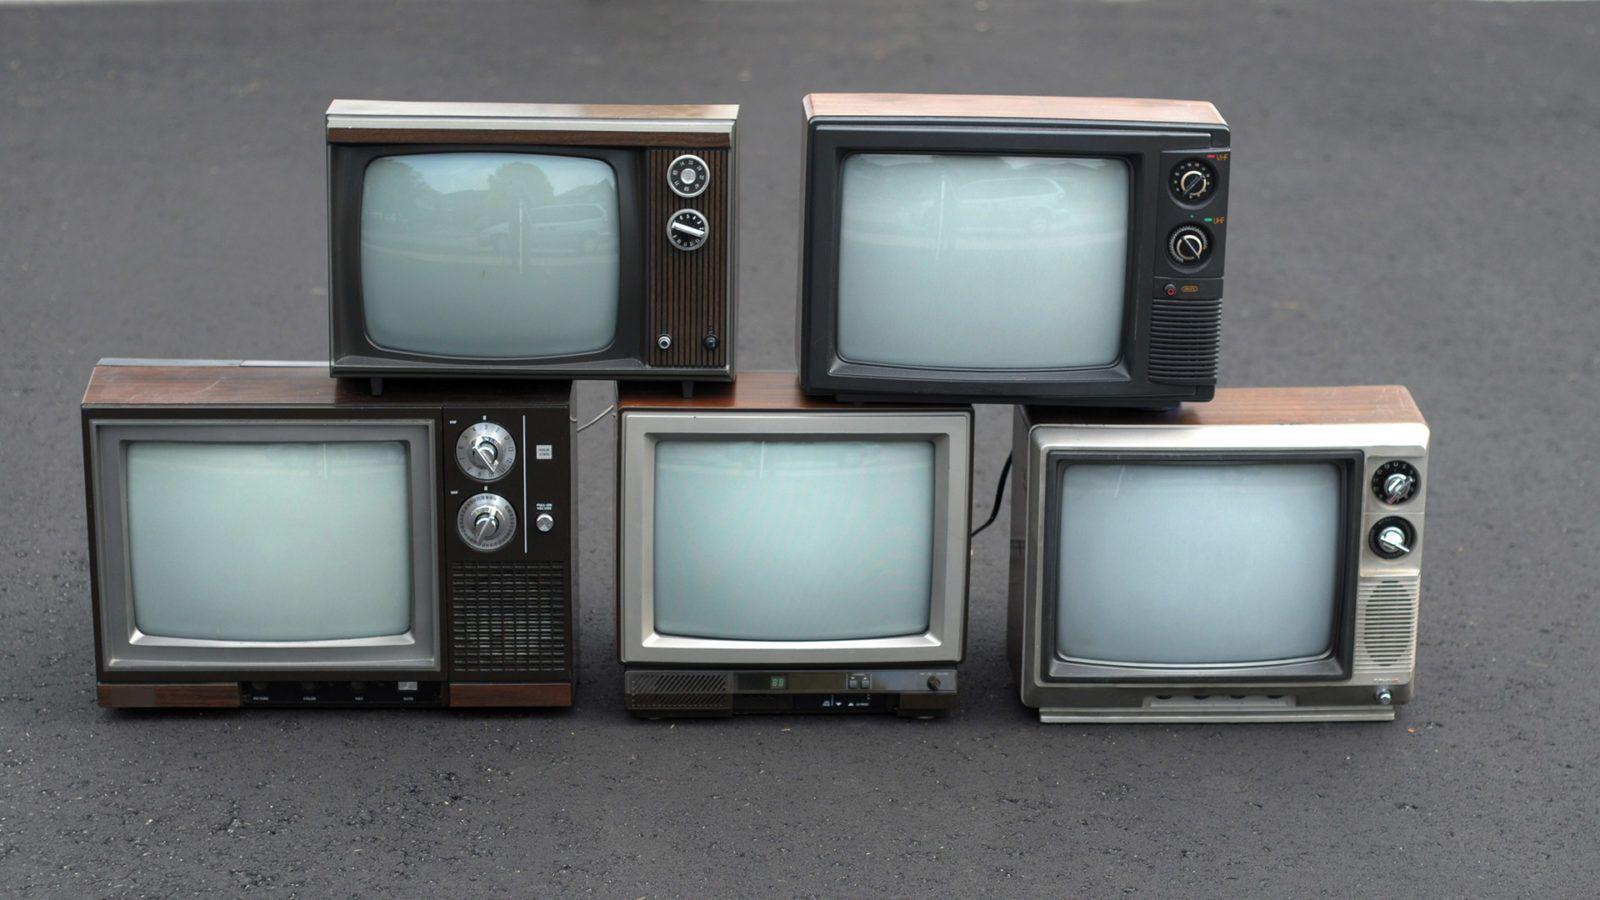 Televisores: Todo sobre el gran invento del siglo XX